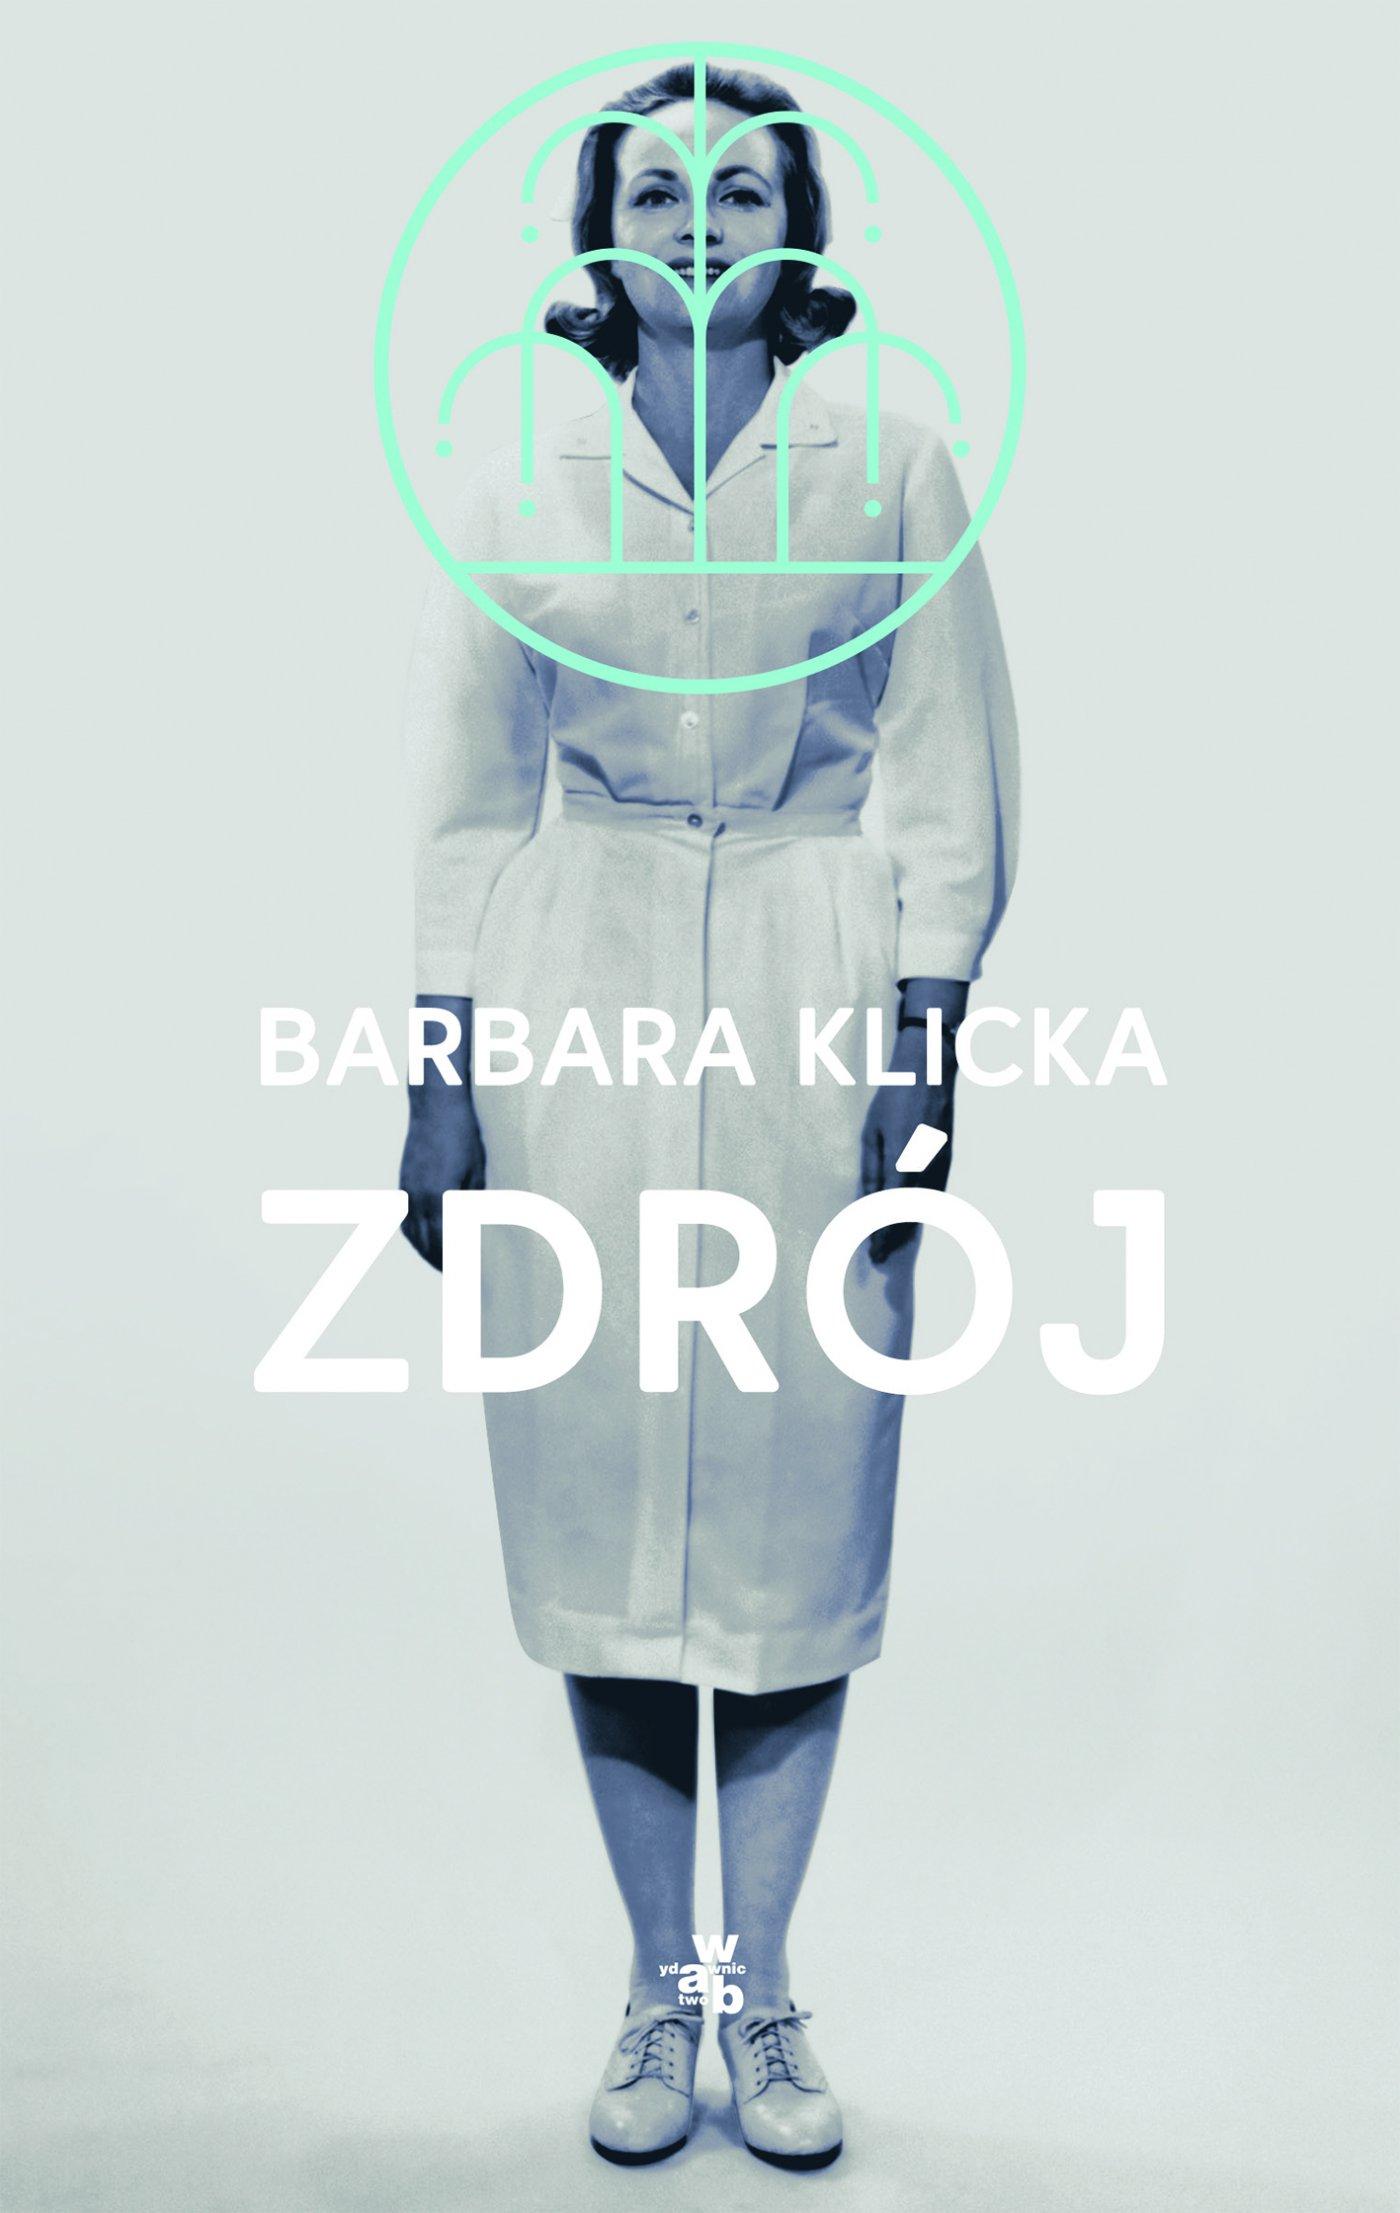 Zdrój - Ebook (Książka EPUB) do pobrania w formacie EPUB